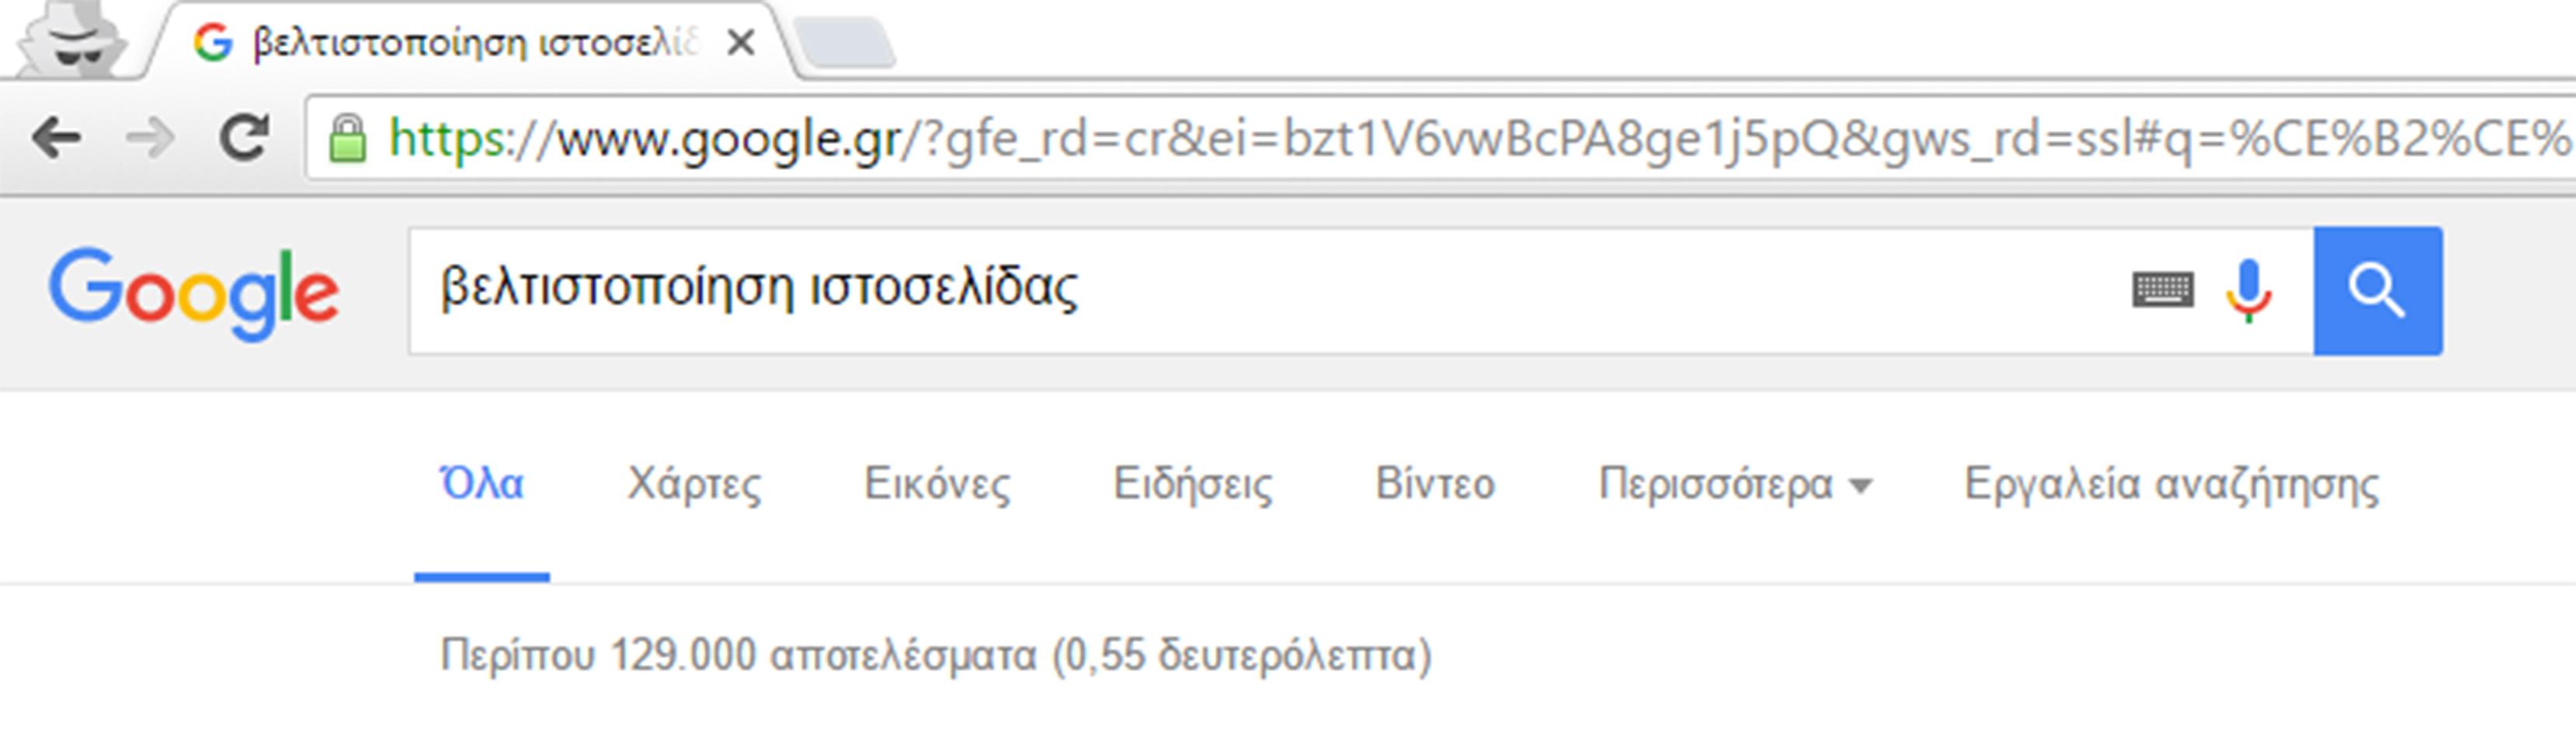 Εικόνα 5 Αποτελέσματα αναζήτησης για τη φράση «βελτιστοποίηση ιστοσελίδας».